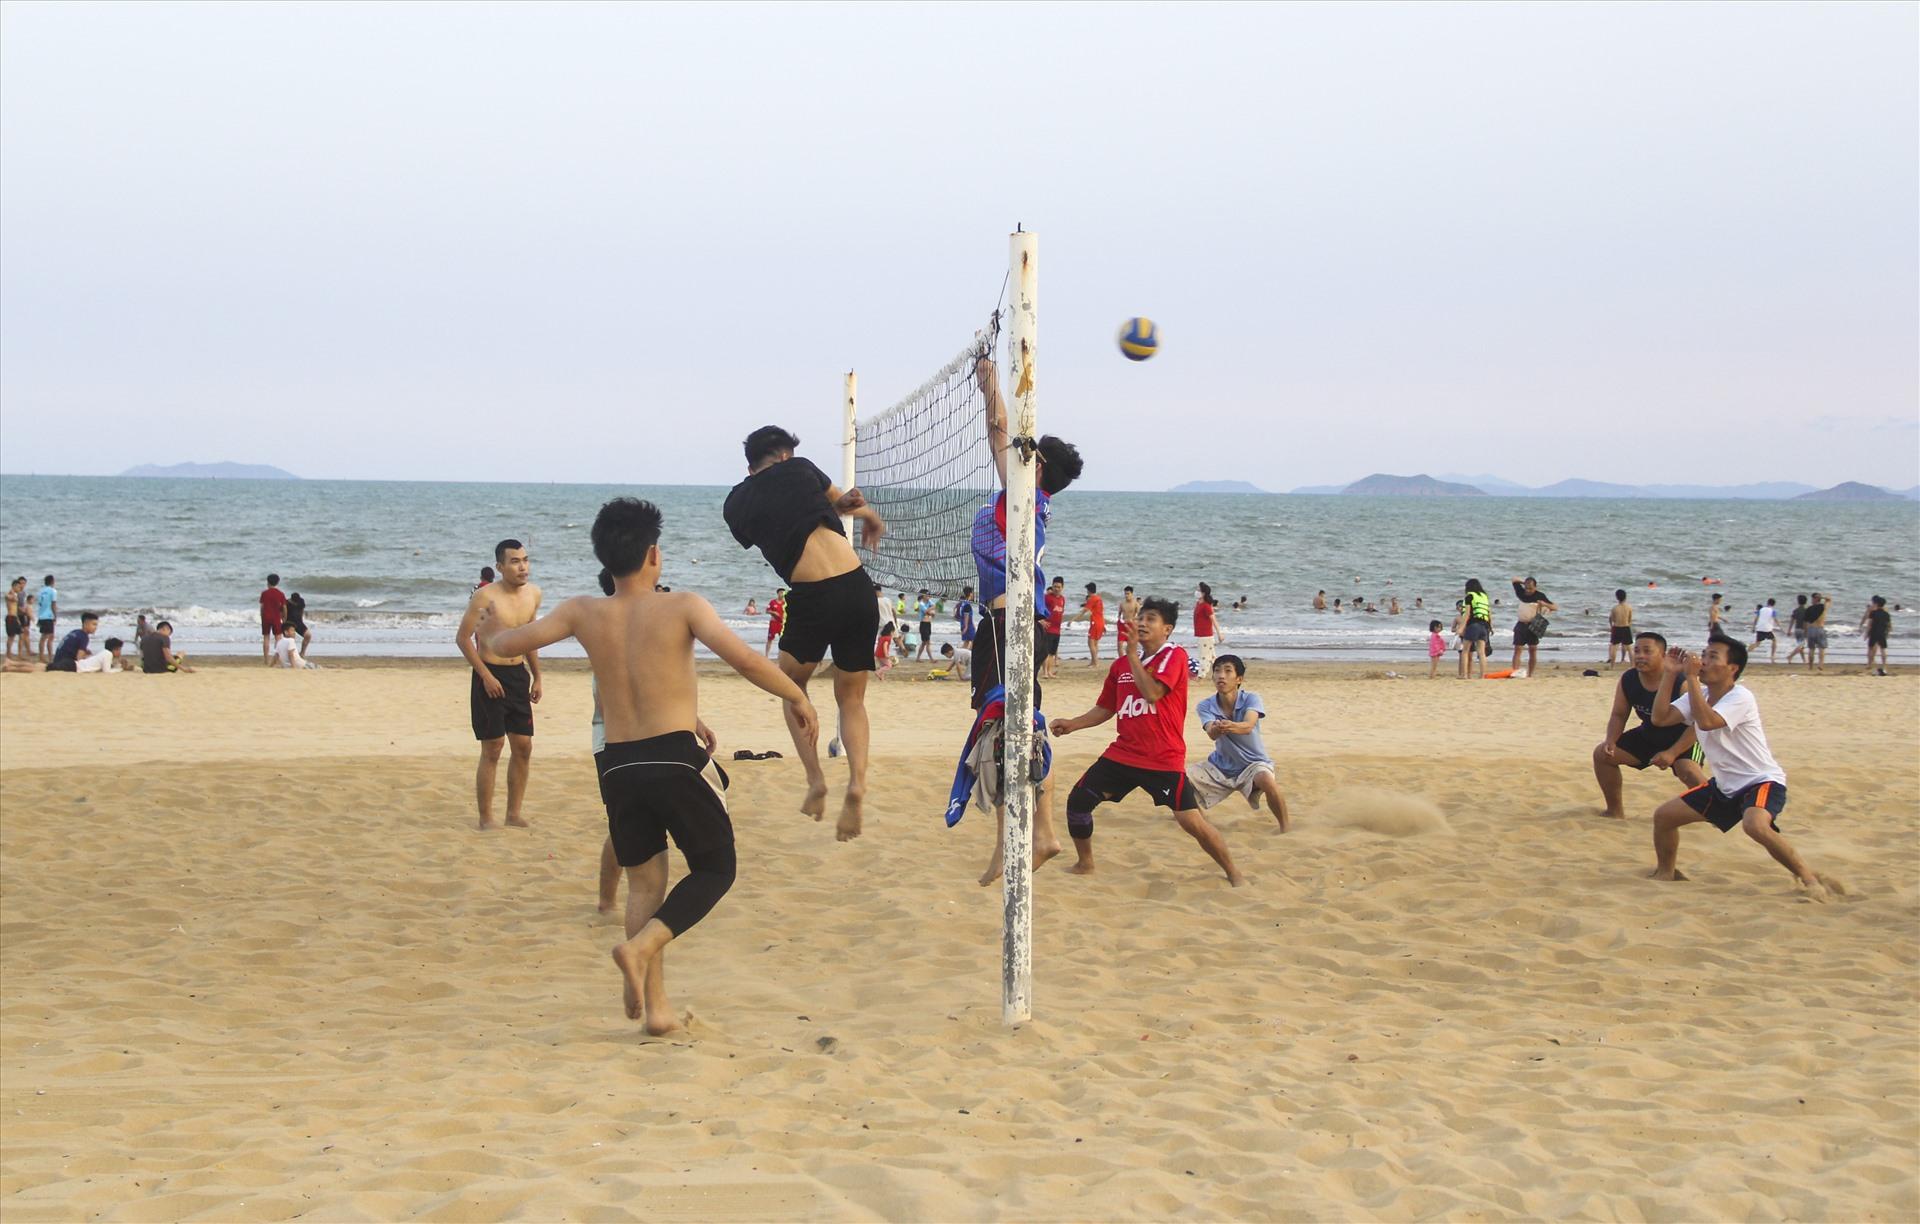 Bãi biển đông đúc người dân tụ tập thành từng nhóm: nhóm thì chơi đùa, nhóm tắm biển, nhóm đánh bóng chuyền....